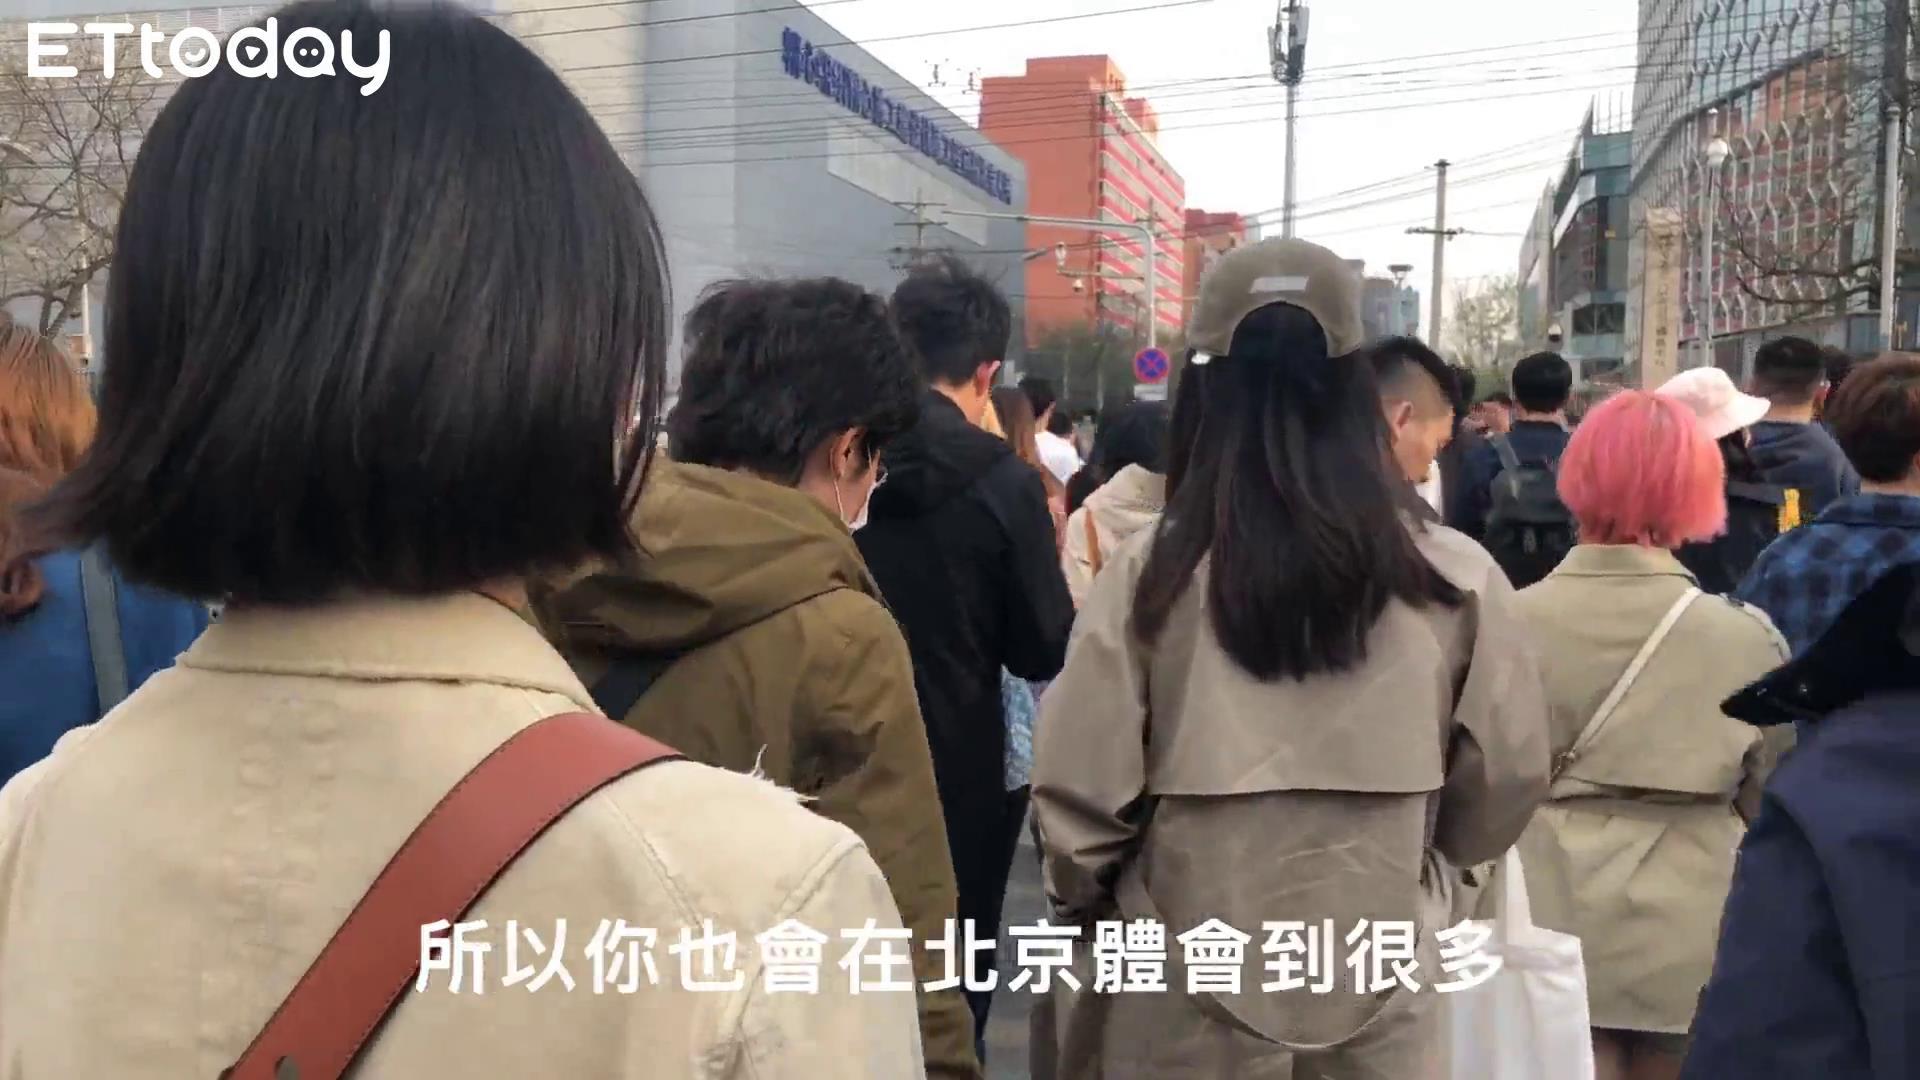 【臺青西遊記】花甲「妮妮」邱宇婕登陸 「半年沒演出機會」仍堅持逐夢圖片